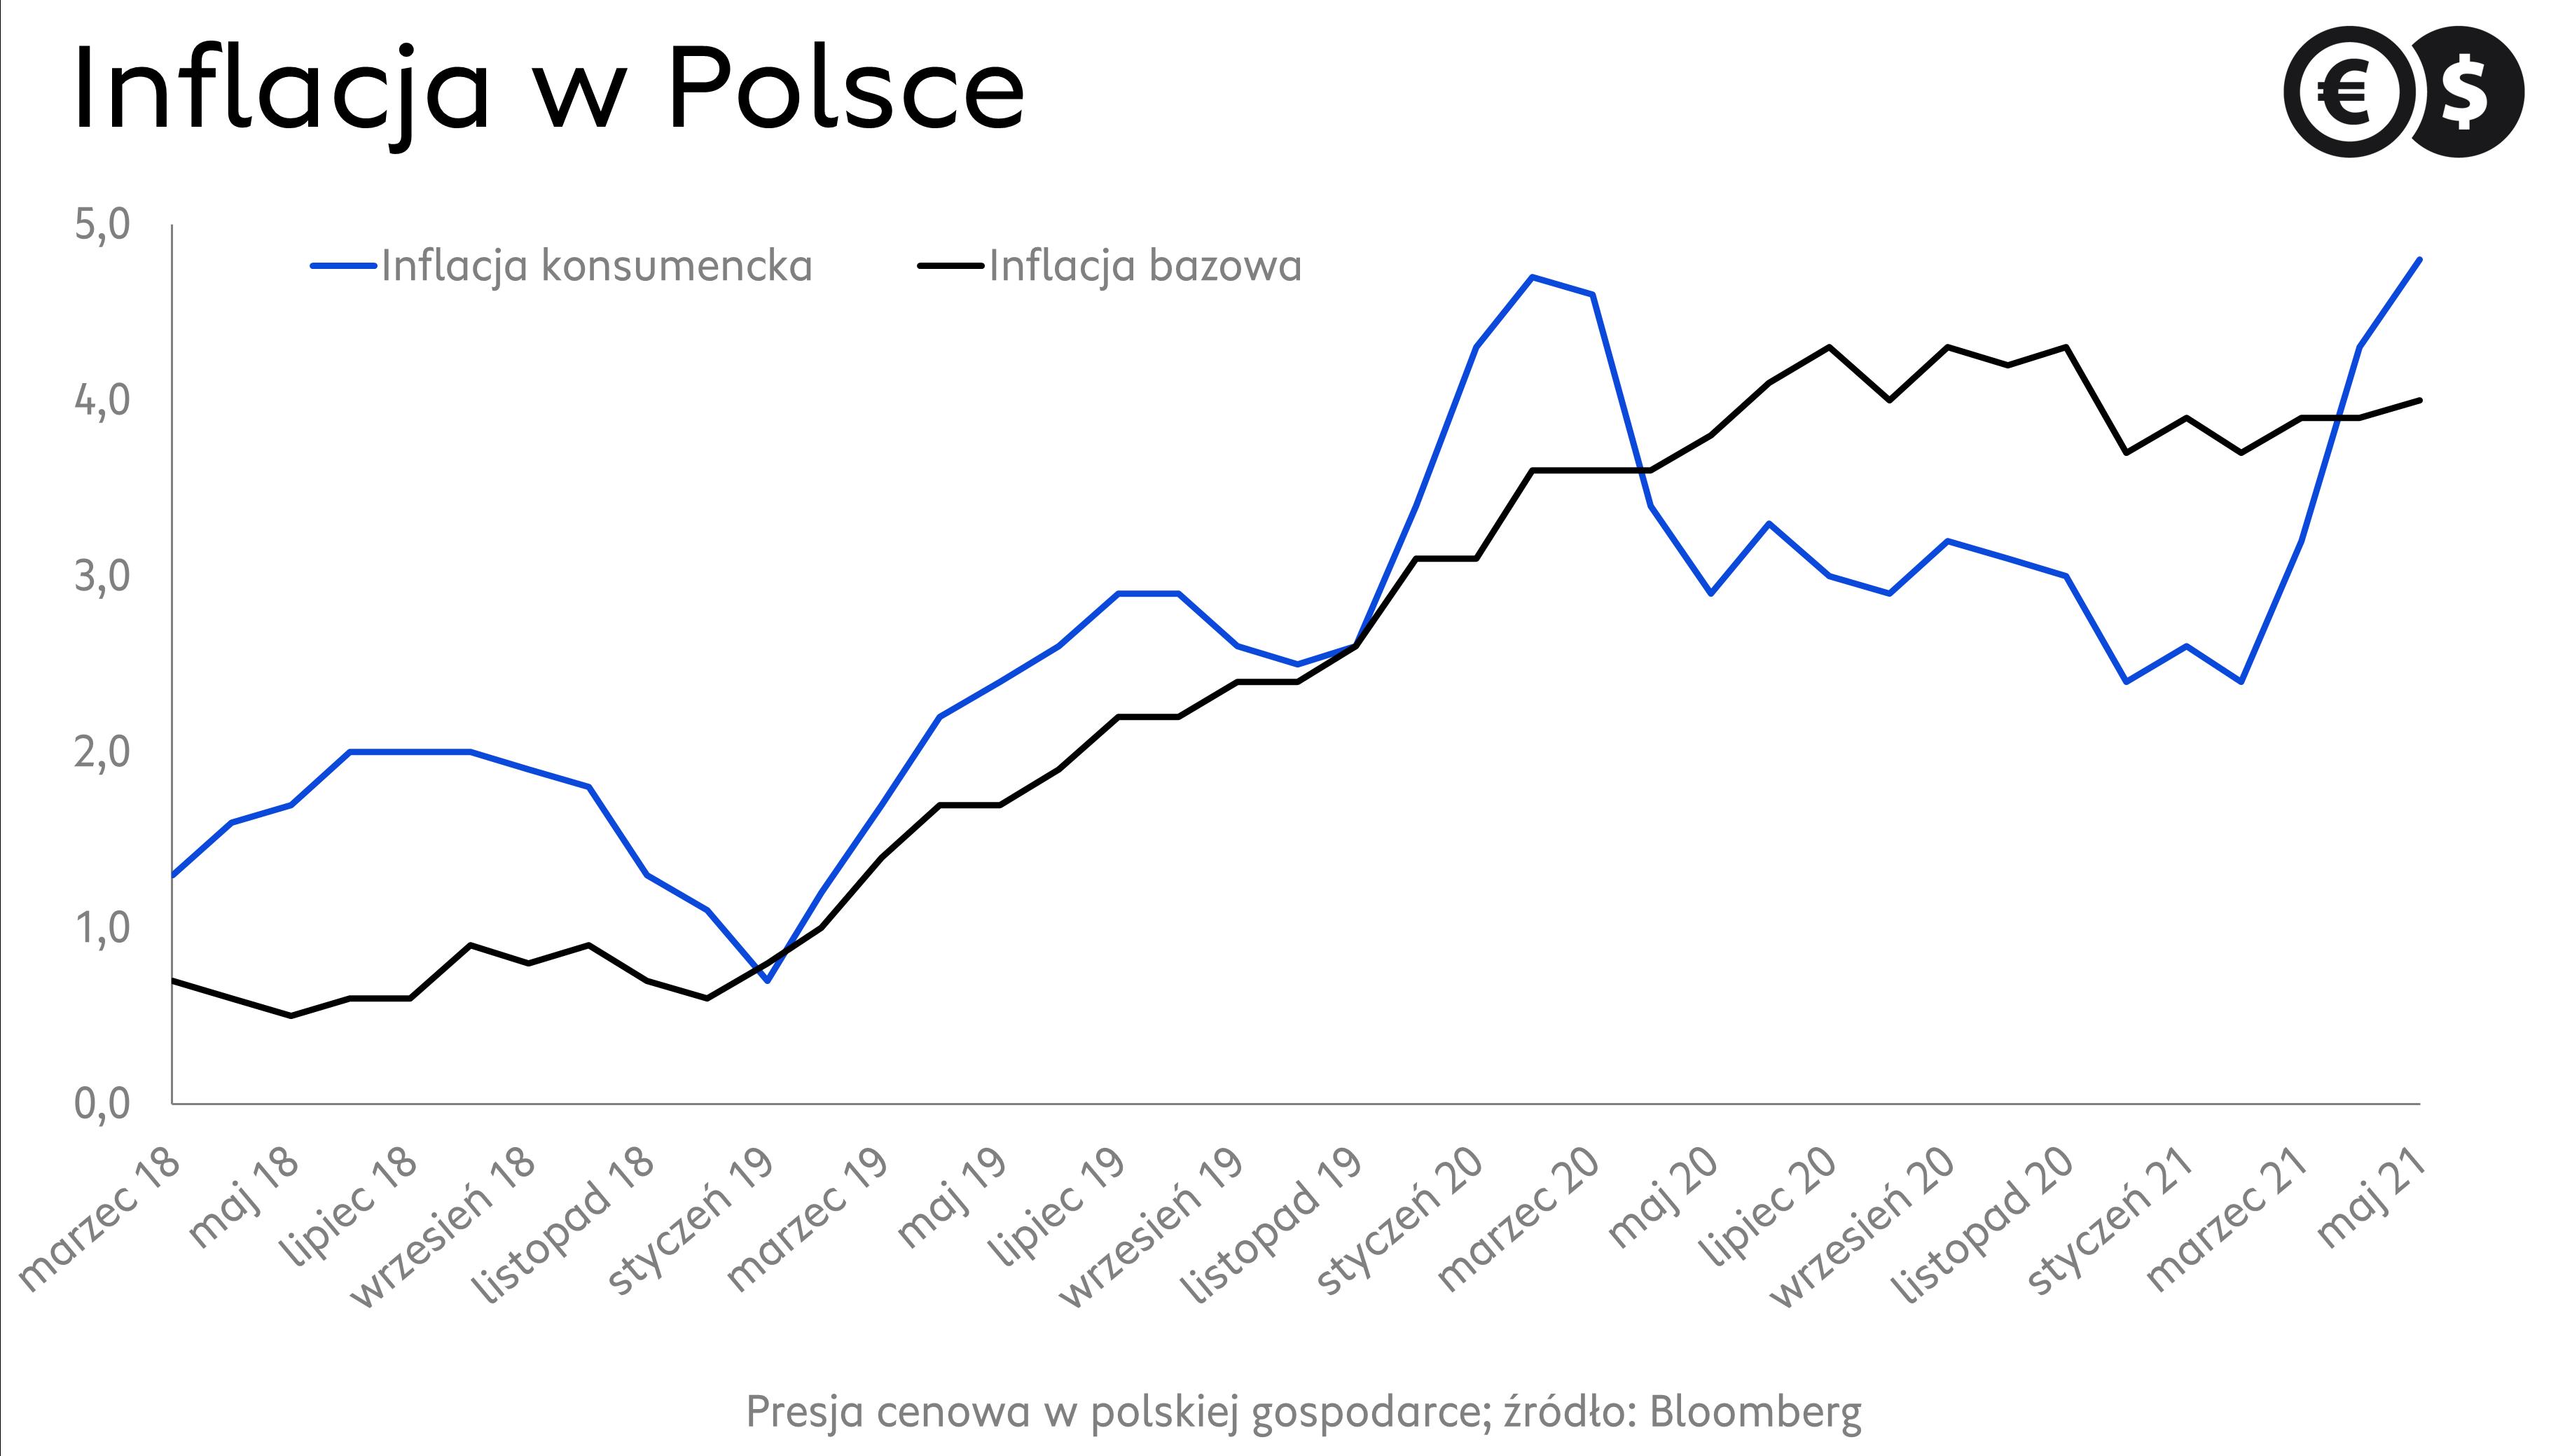 Dynamika inflacji CPI i bazowej; źródło: Bloomberg